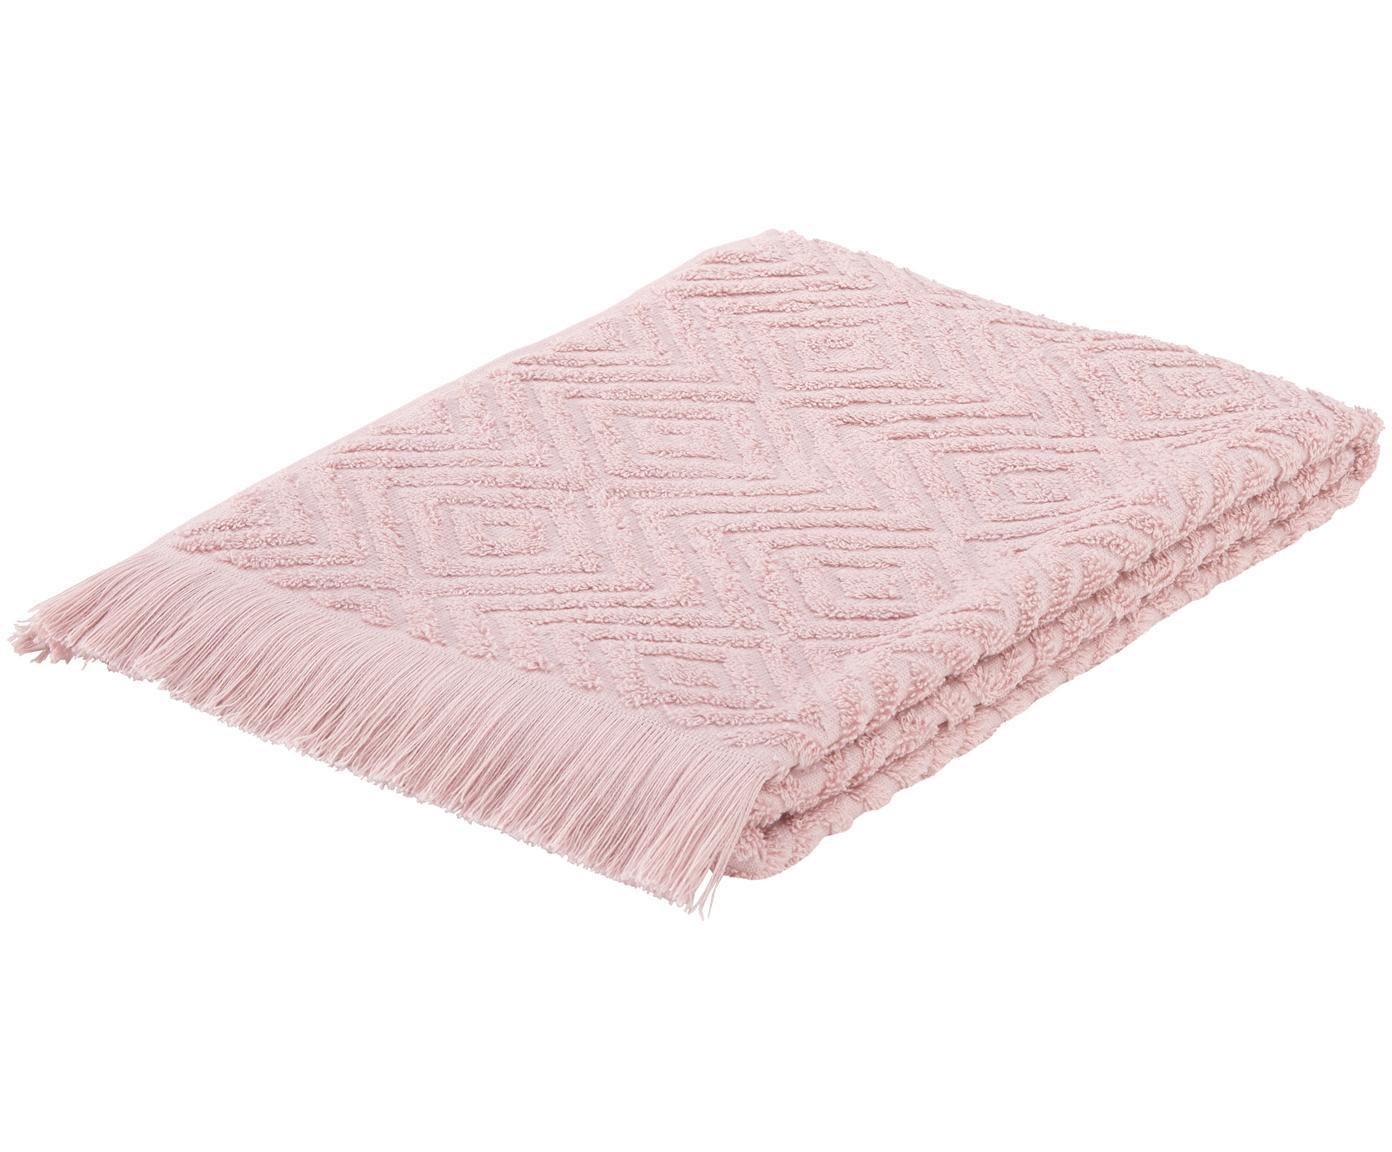 Handtuch Jacqui mit Hoch-Tief-Muster, Rosa, Gästehandtuch